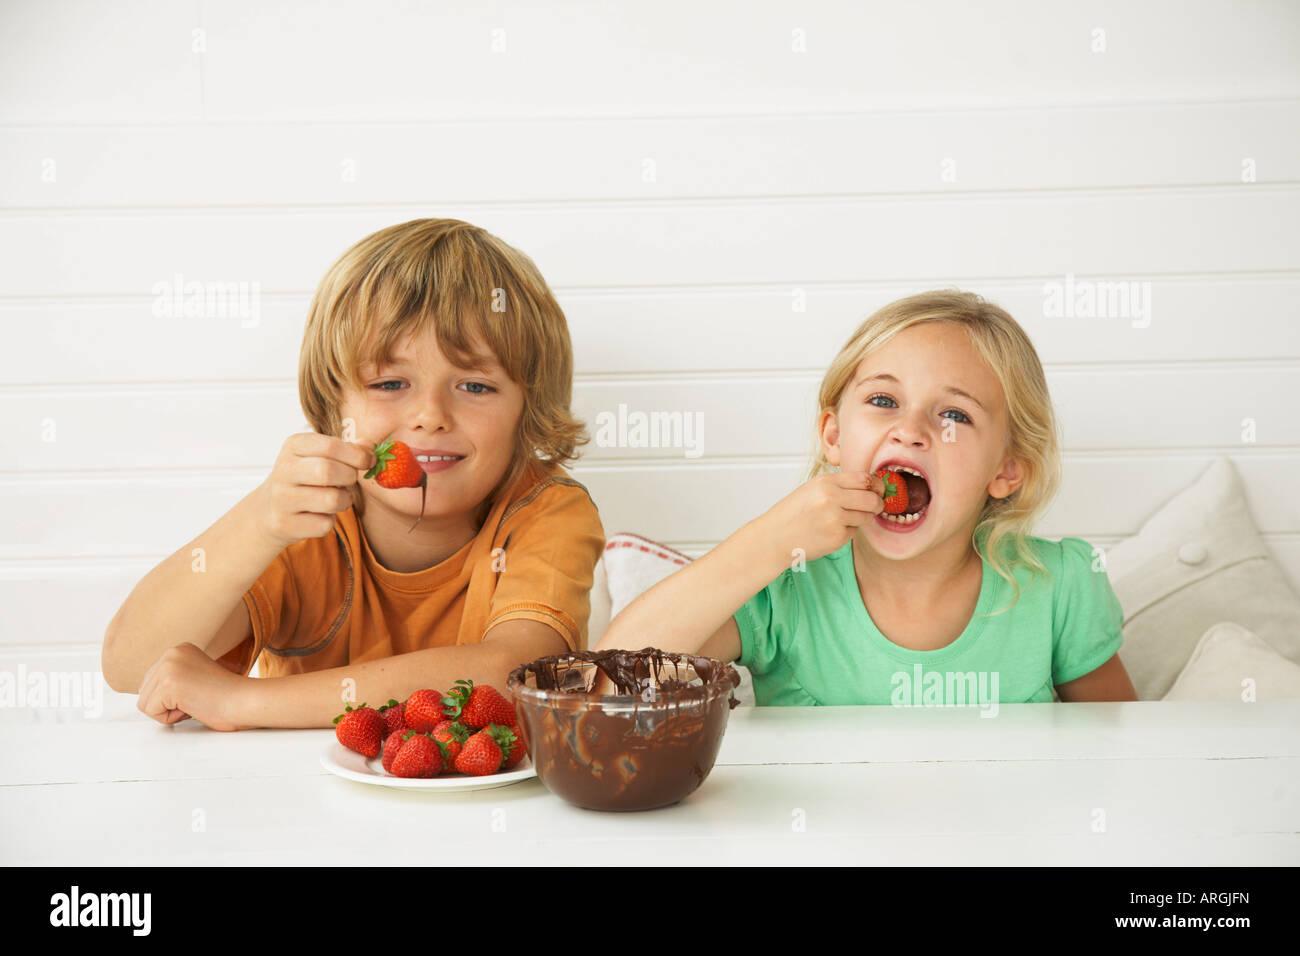 Children Eating Strawberries and Chocolate Stock Photo